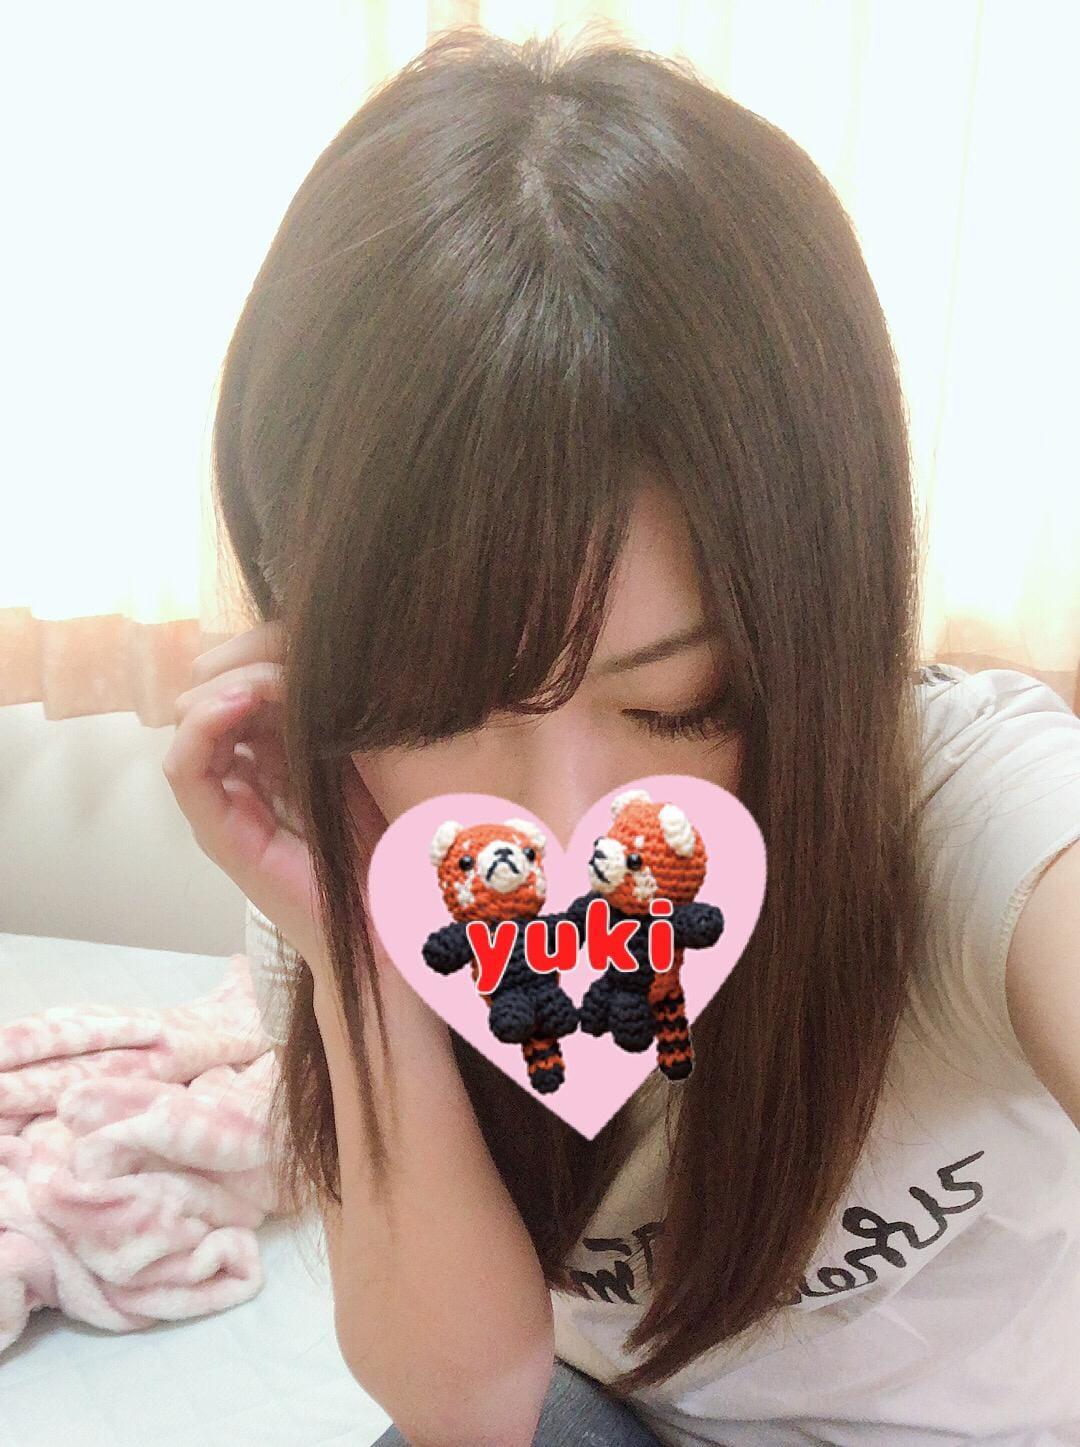 「お礼♥」09/30(09/30) 22:42   ゆきの写メ・風俗動画